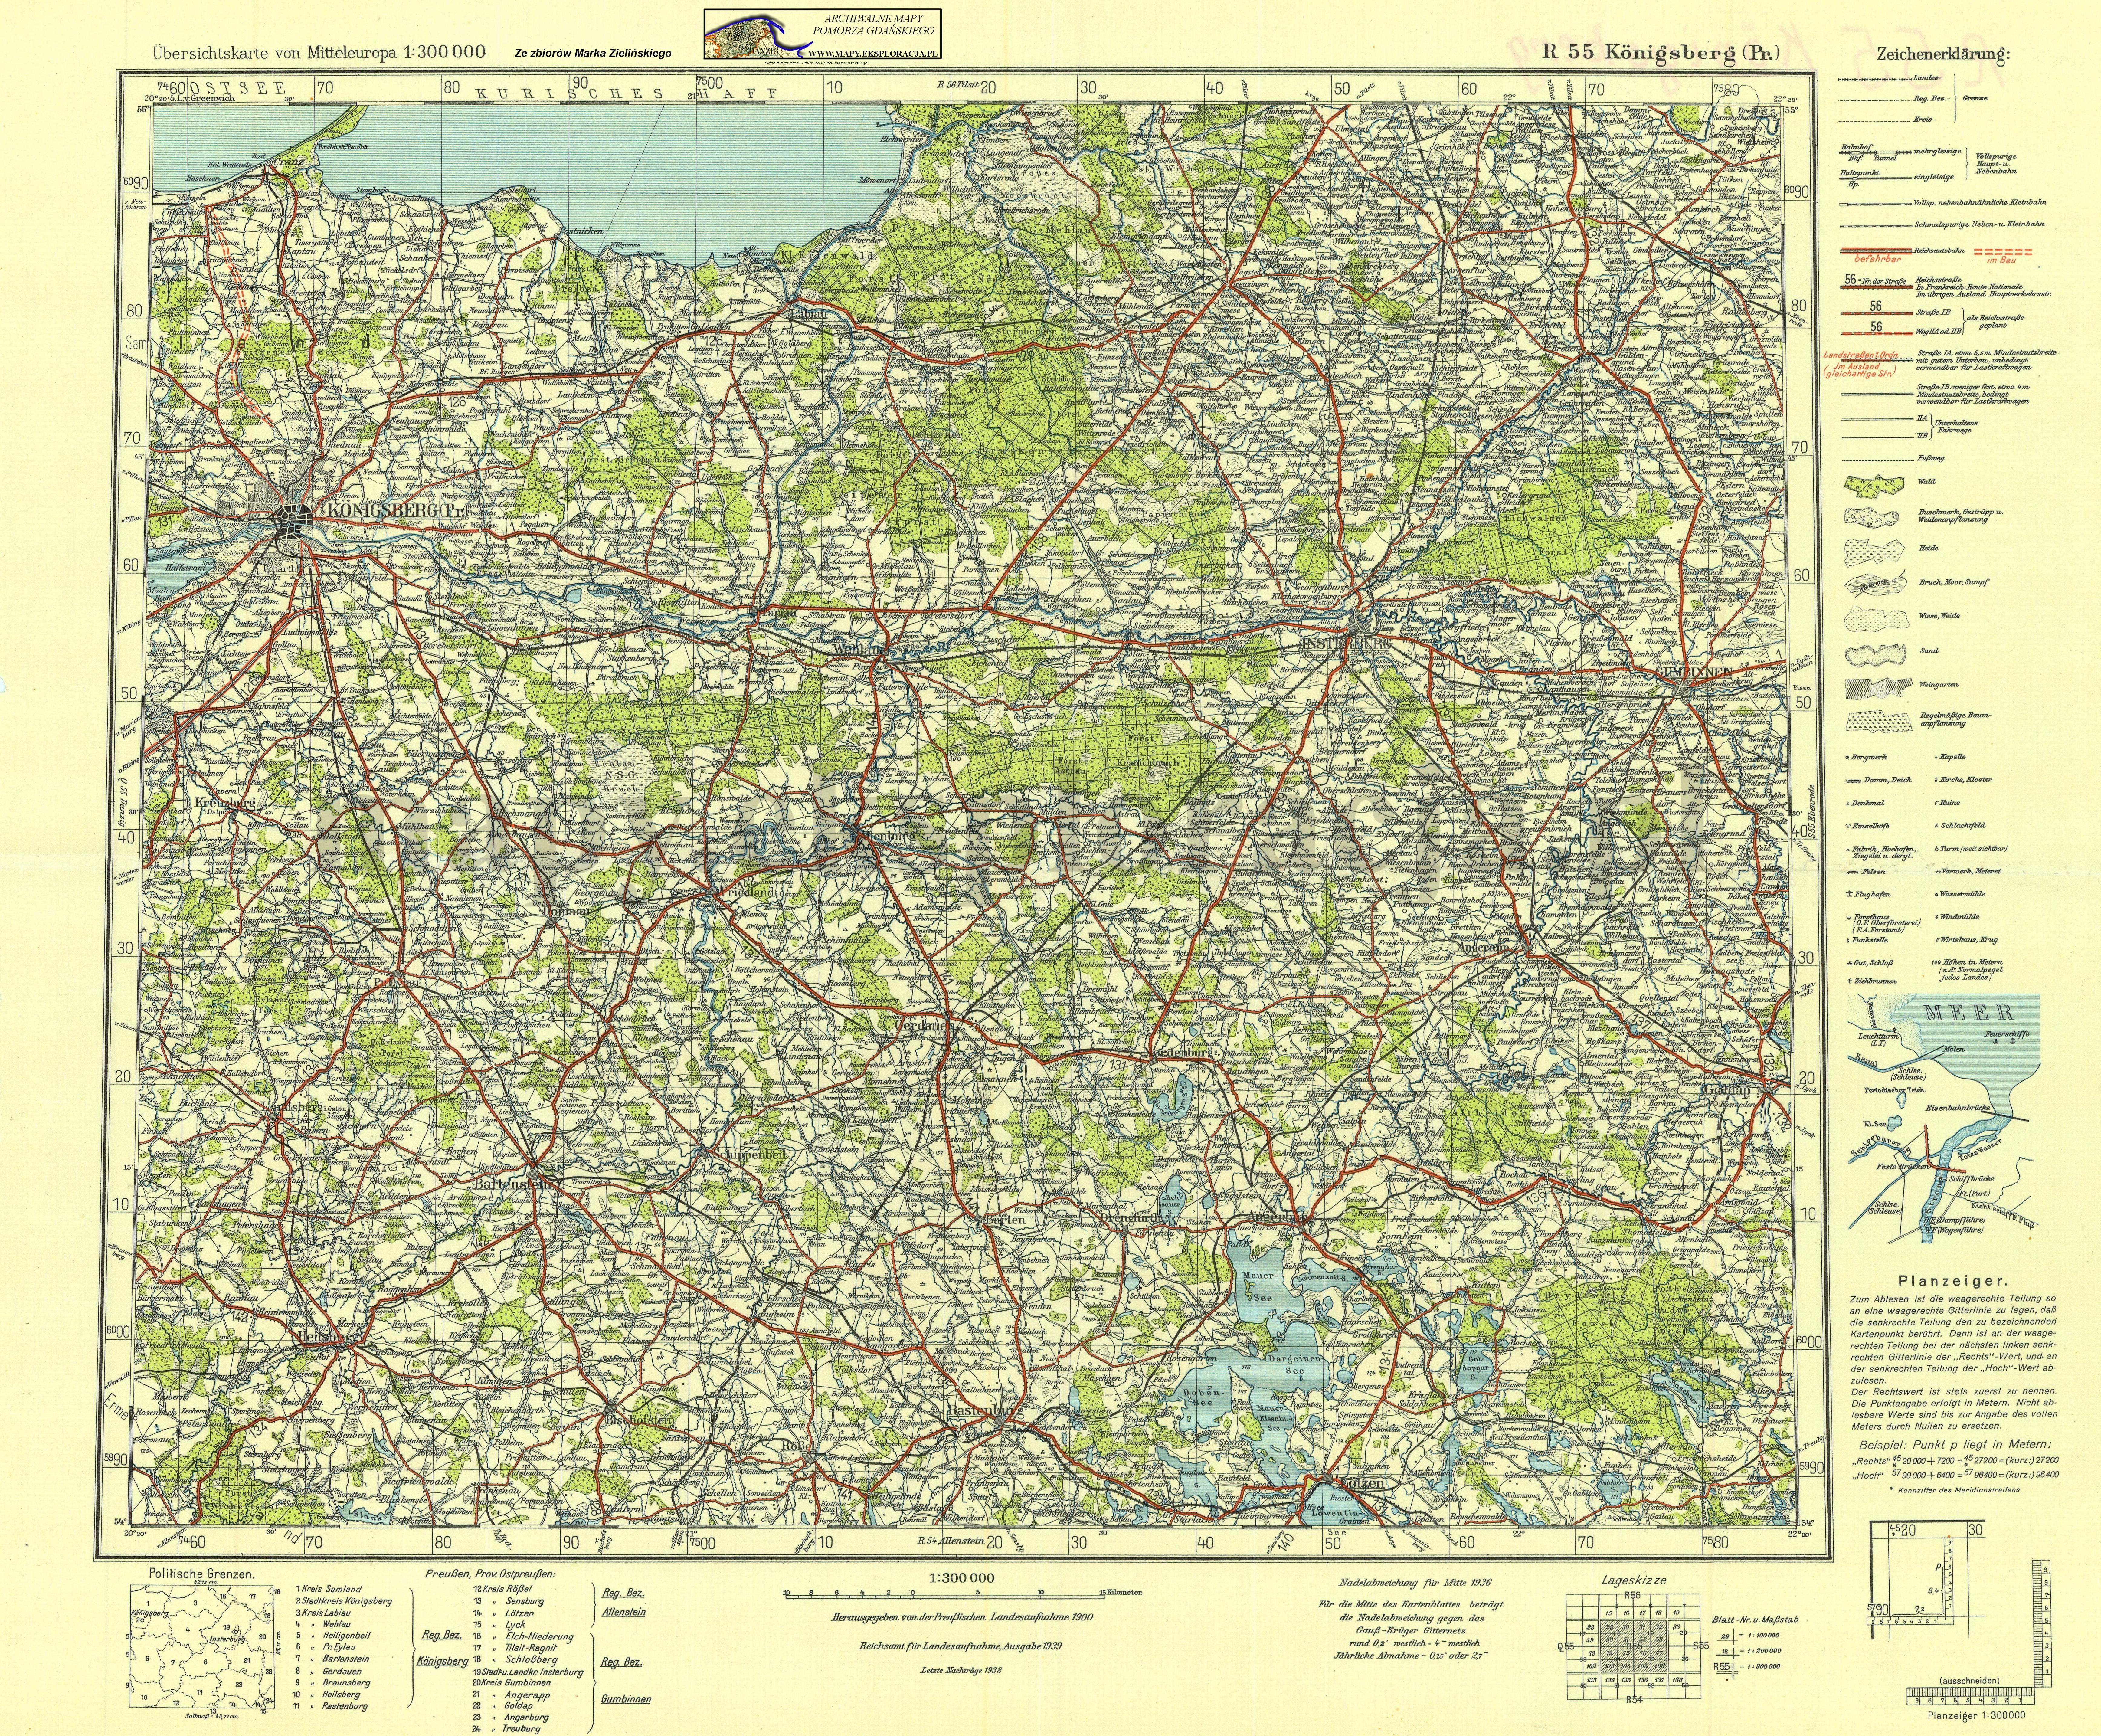 Archiwalne Mapy Pomorza Gdańskiego